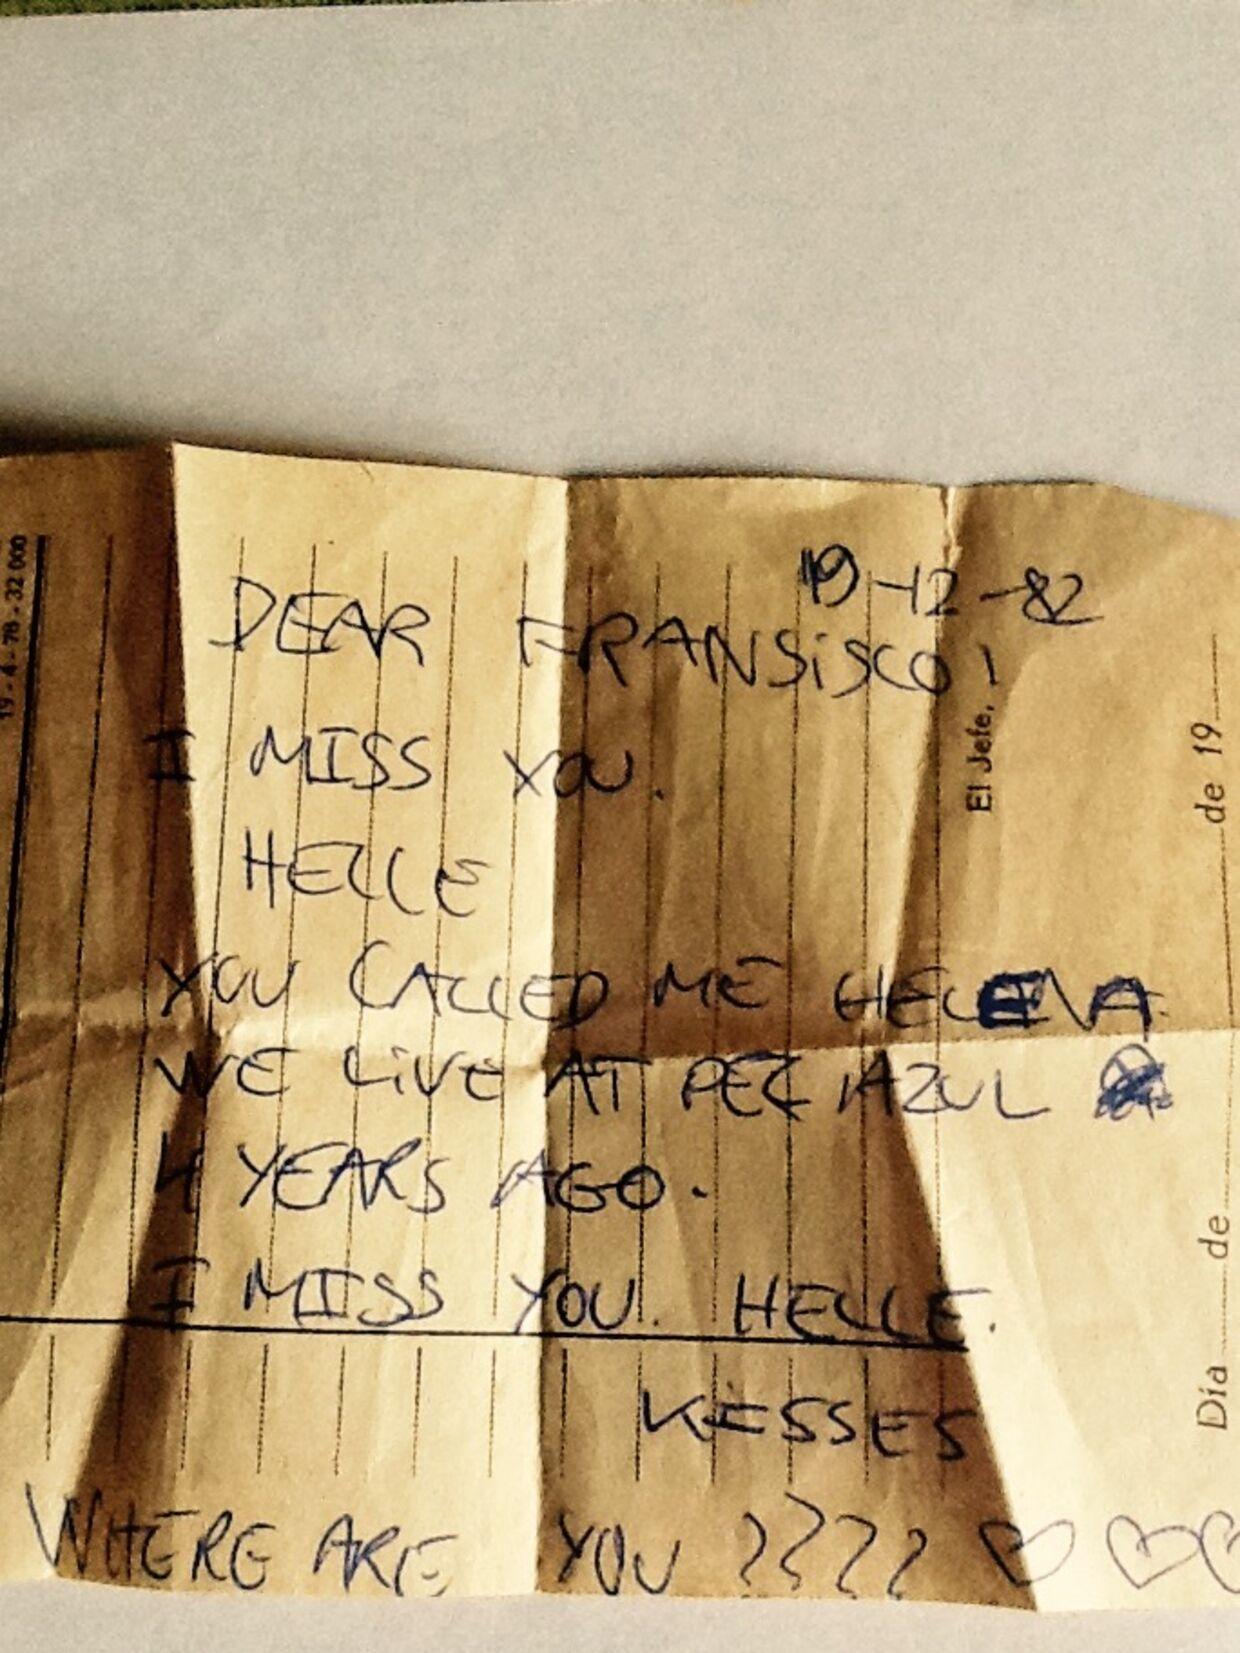 Fransisco har gemt den seddel, som Helle efterlod til ham i 1982. (Privatfoto)